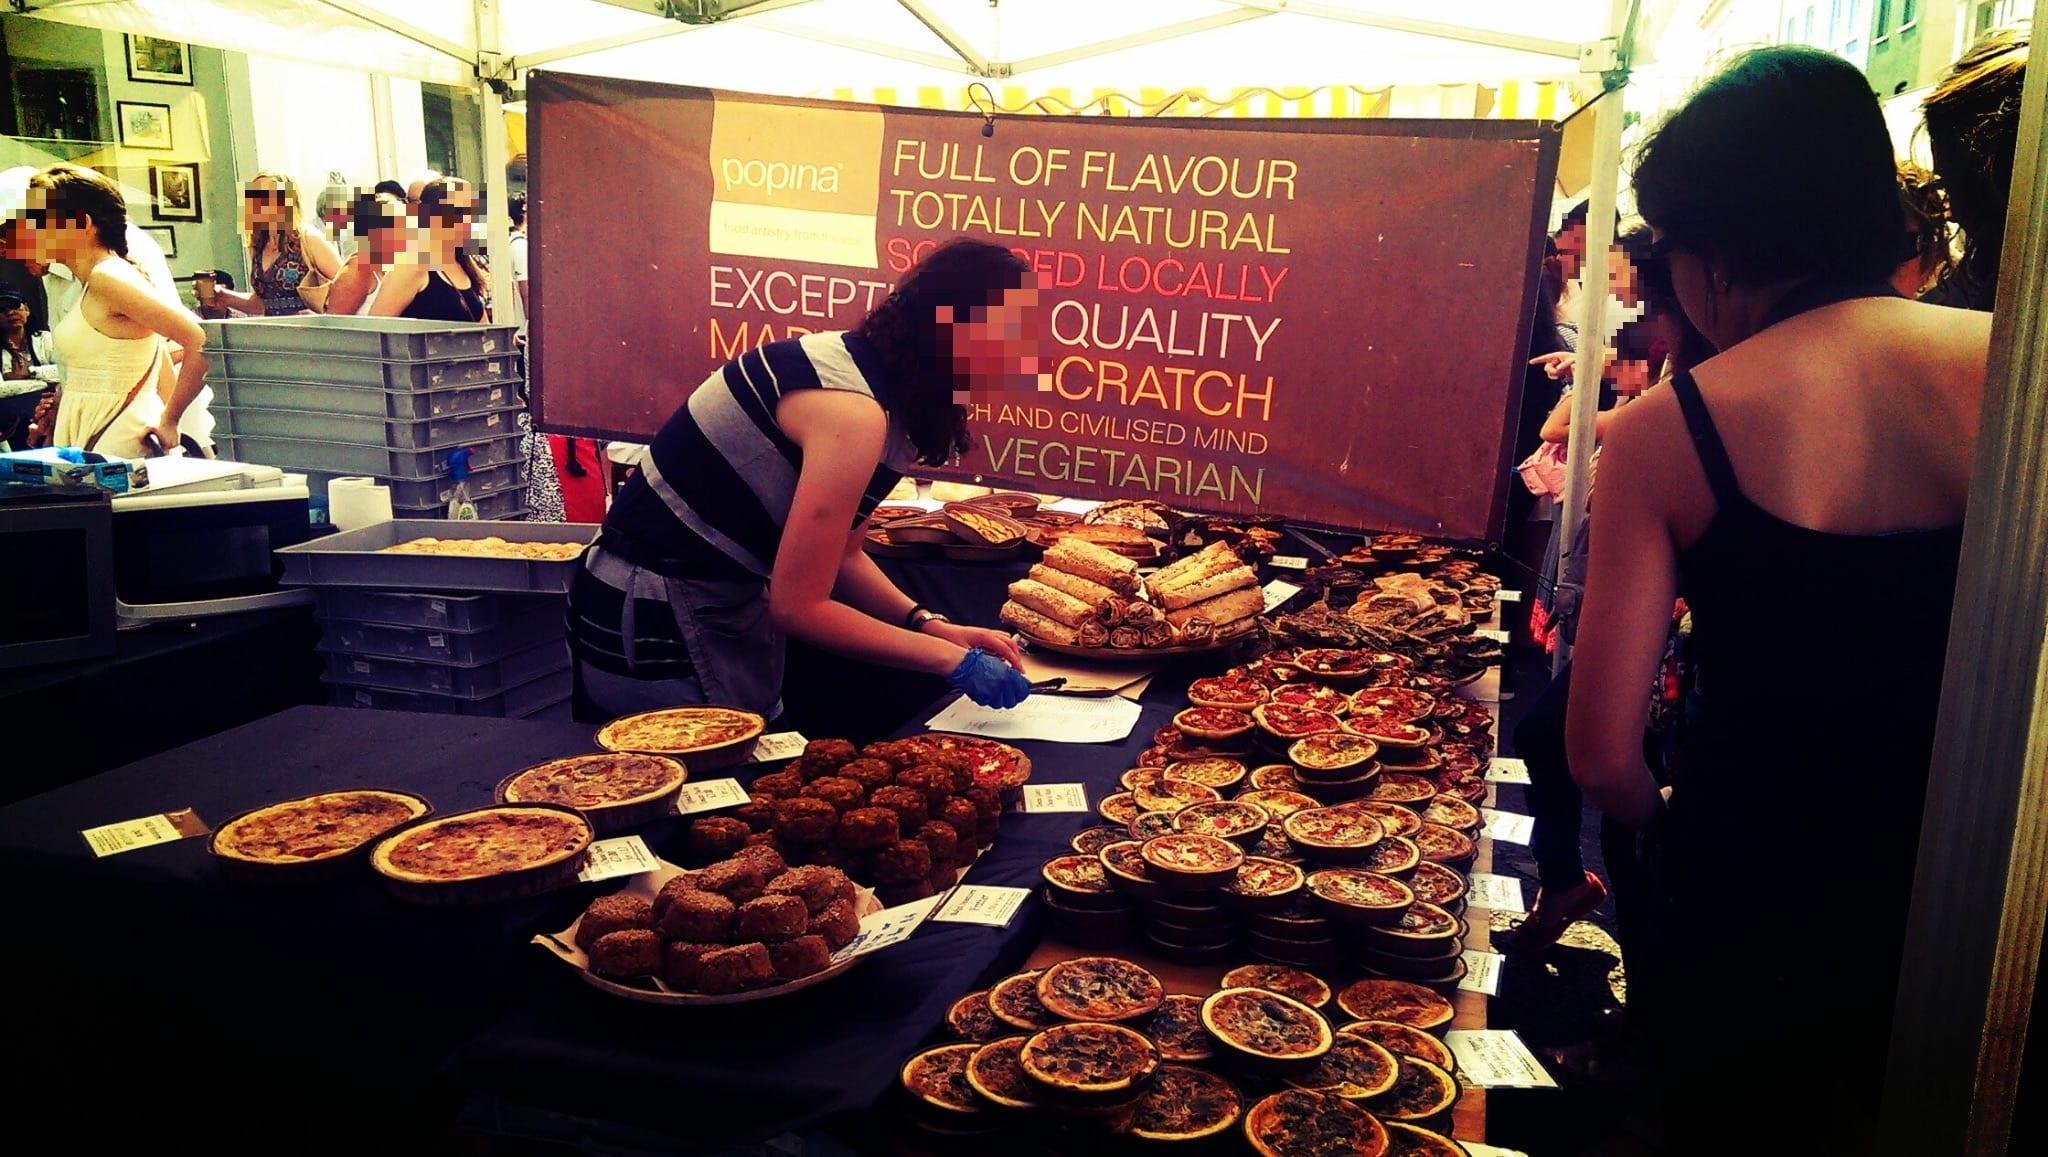 Du findest auf dem Markt eine Menge leckerer Snacks wie z.B. Gebäck